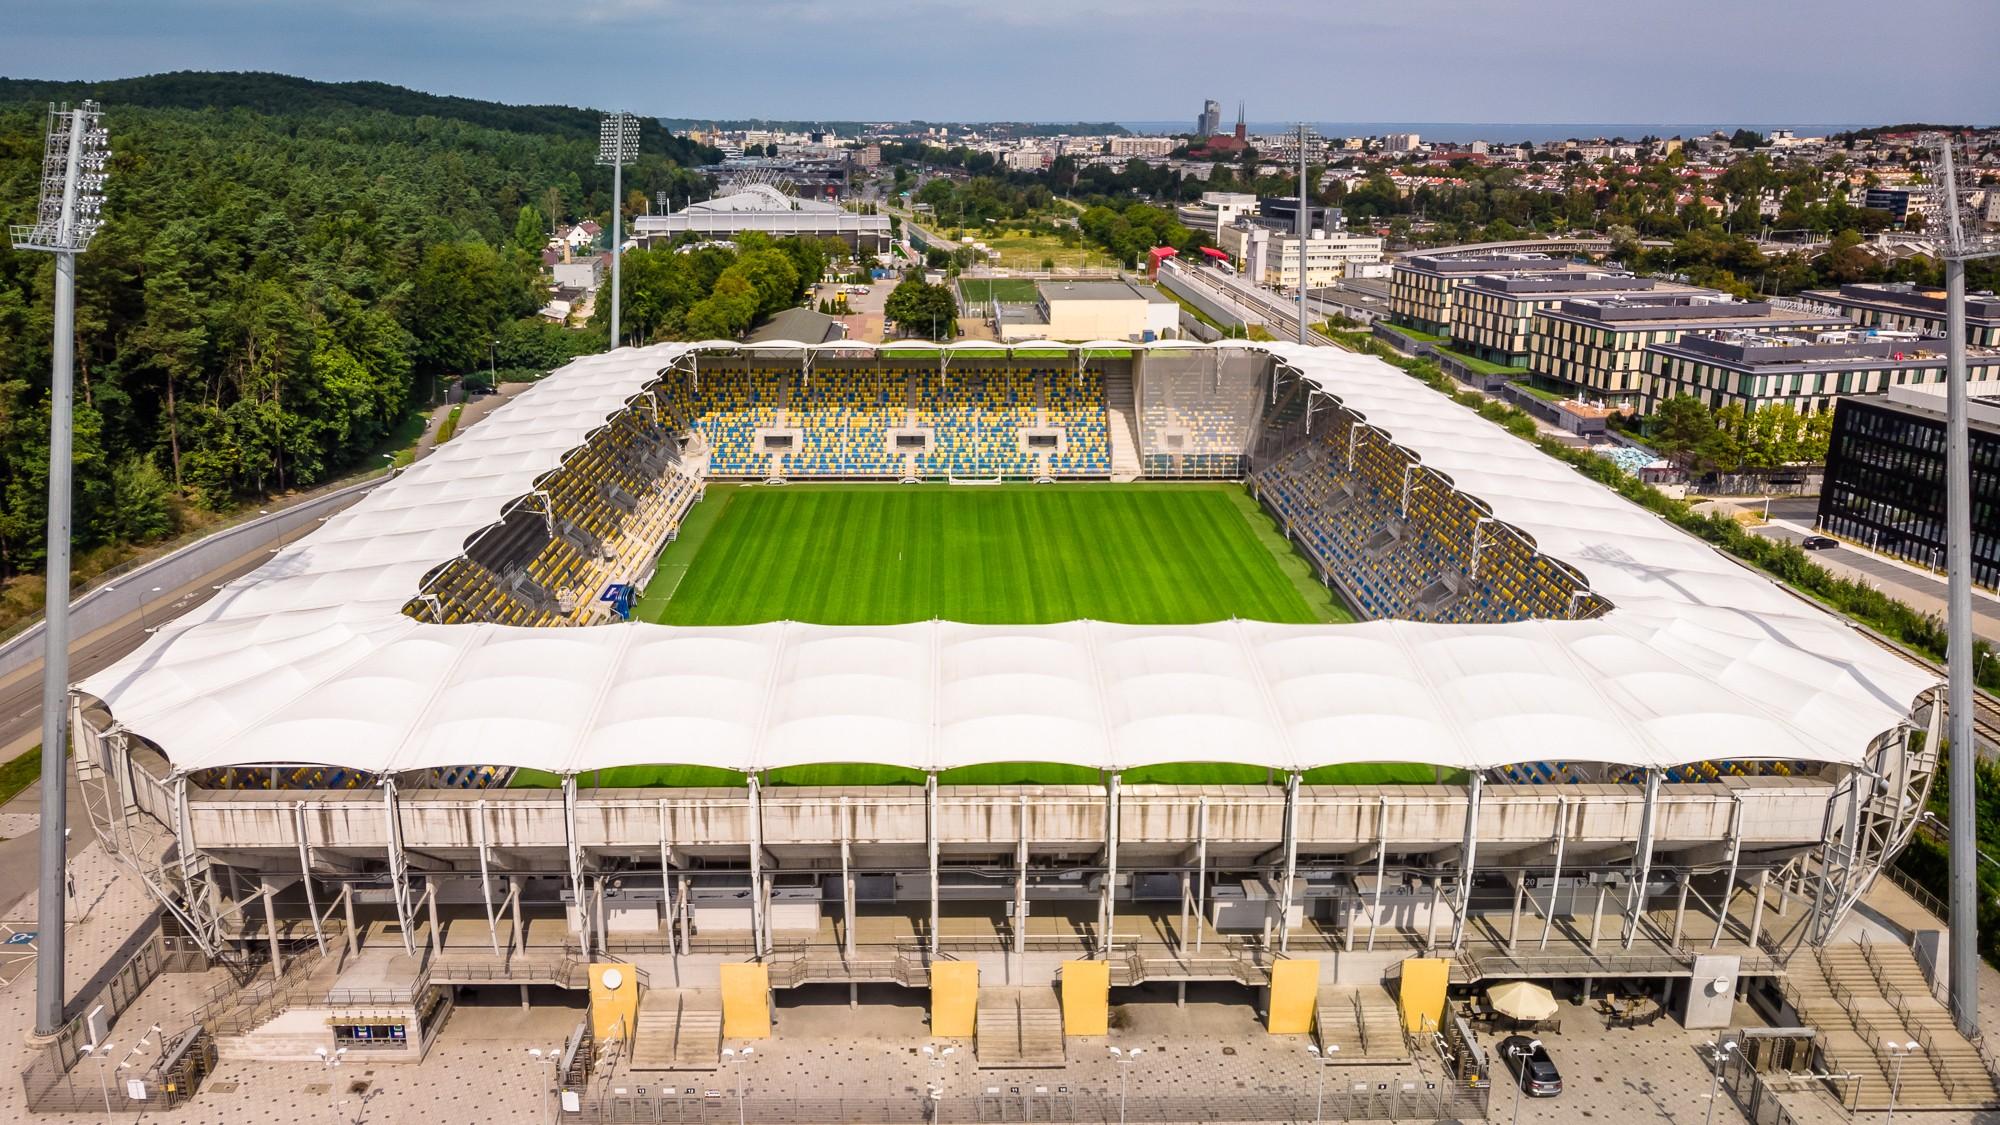 stadion gosir w gdyni30 - ŁKS on Tour! Zapisz się na wyjazd do Gdyni